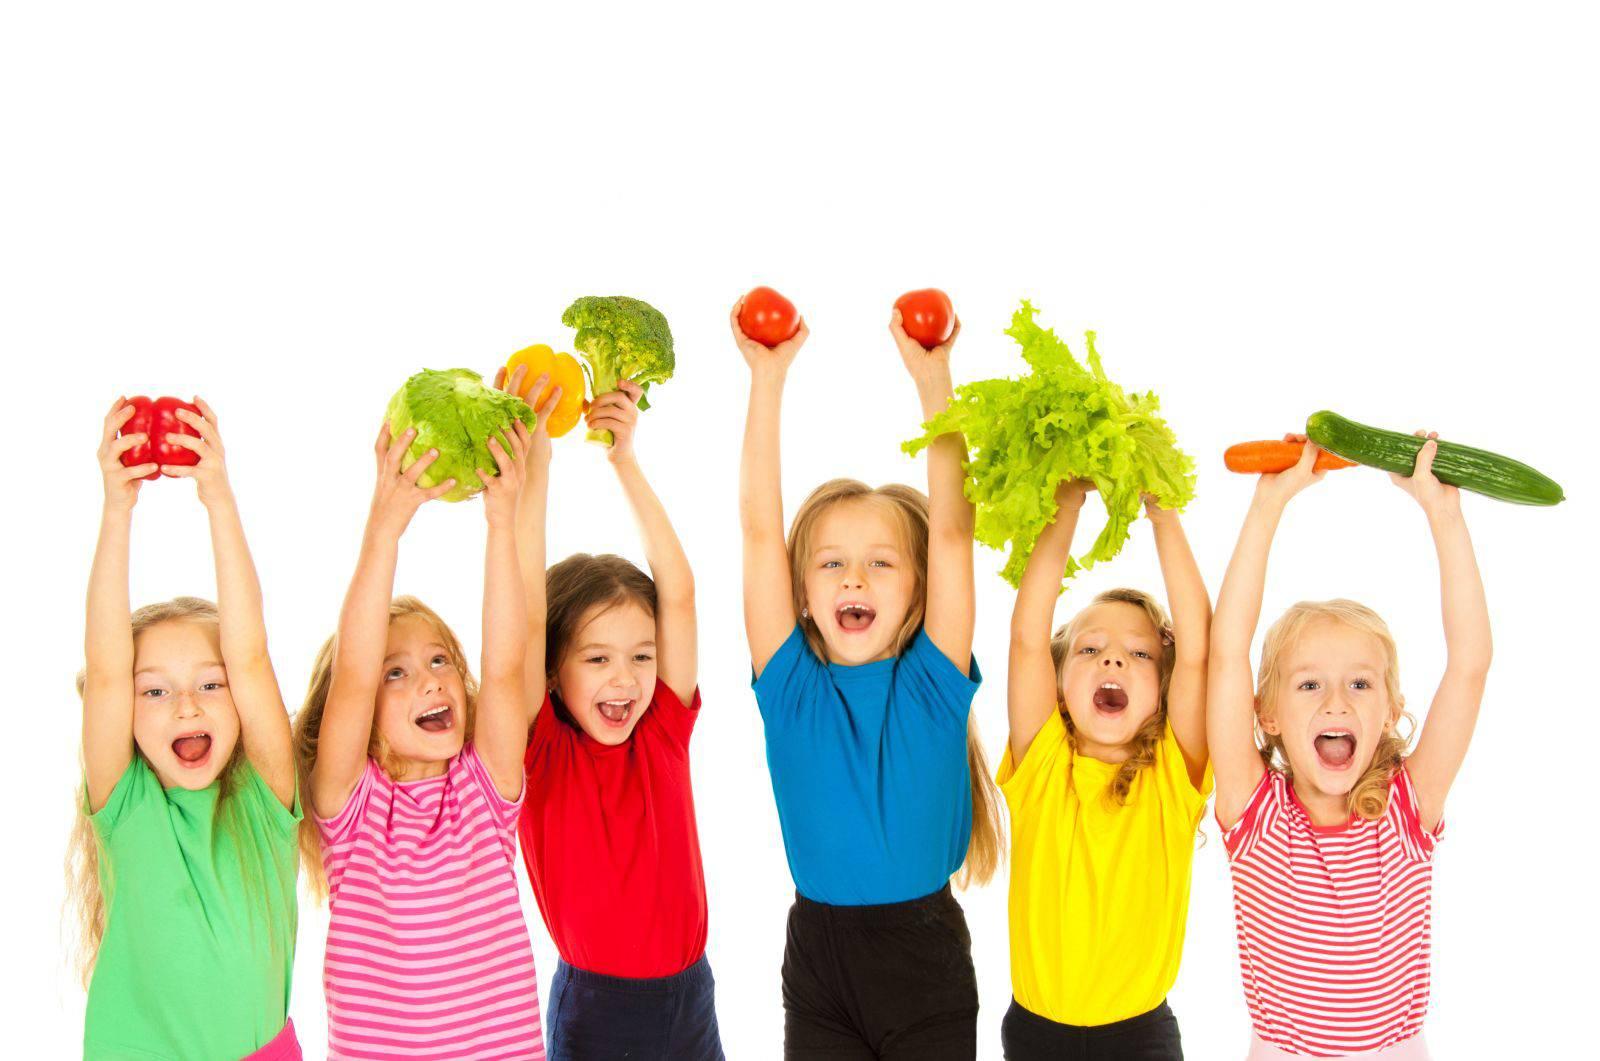 تغذیه مناسب برای کاهش فشار خون بالا در کودکان